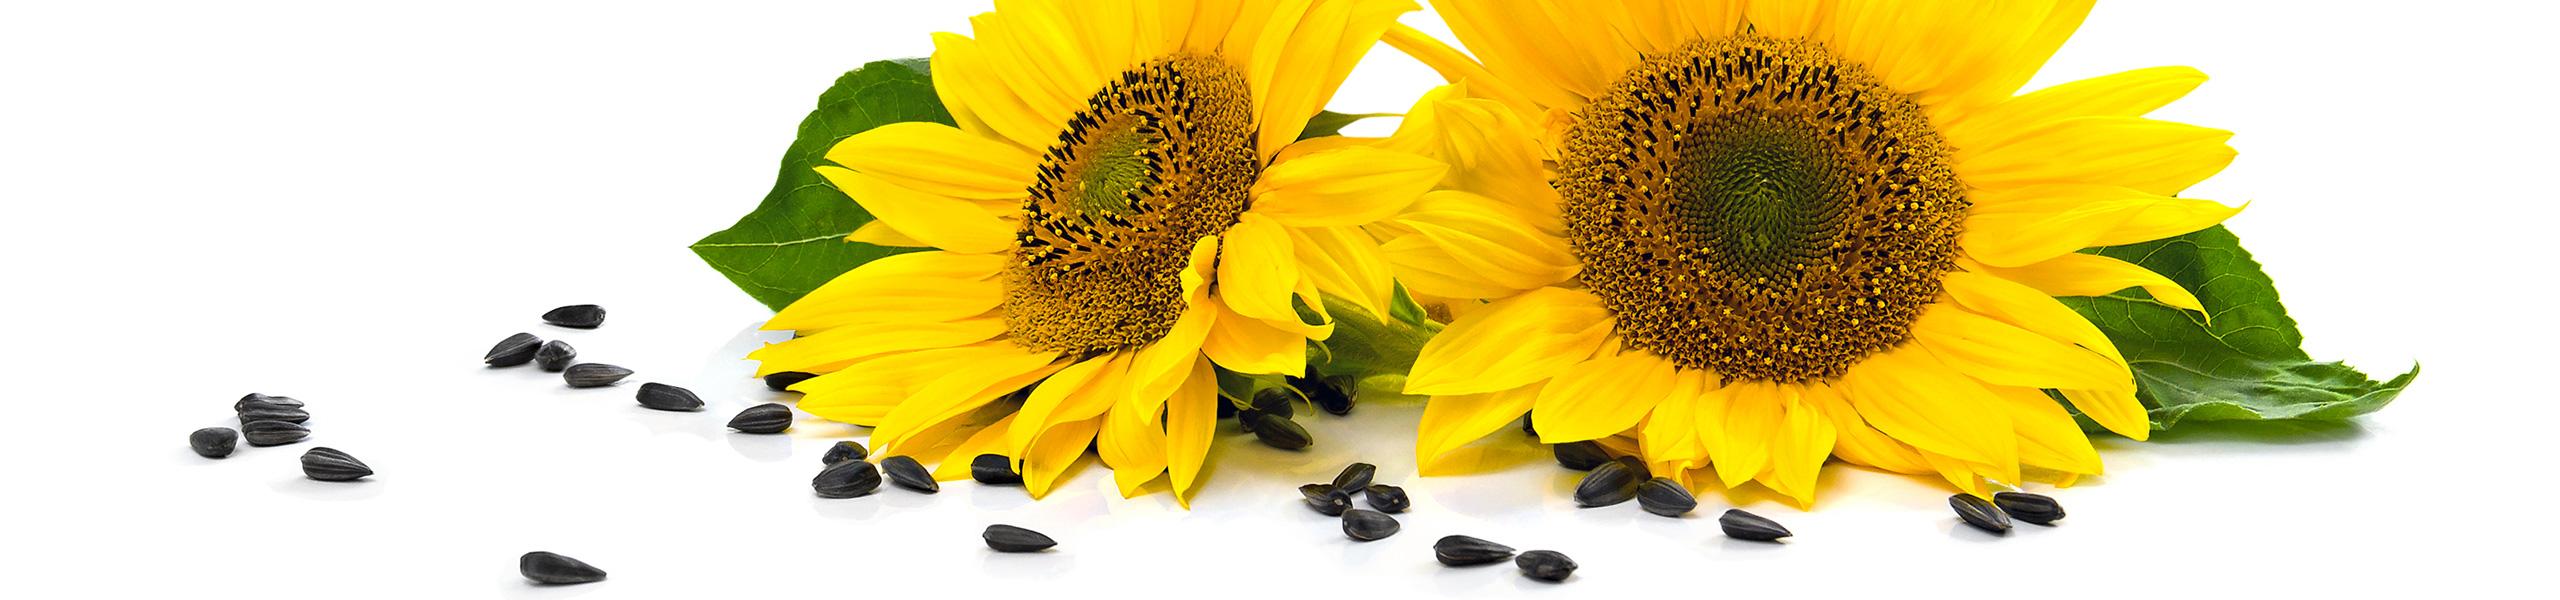 Olio di semi di girasole Altoleico